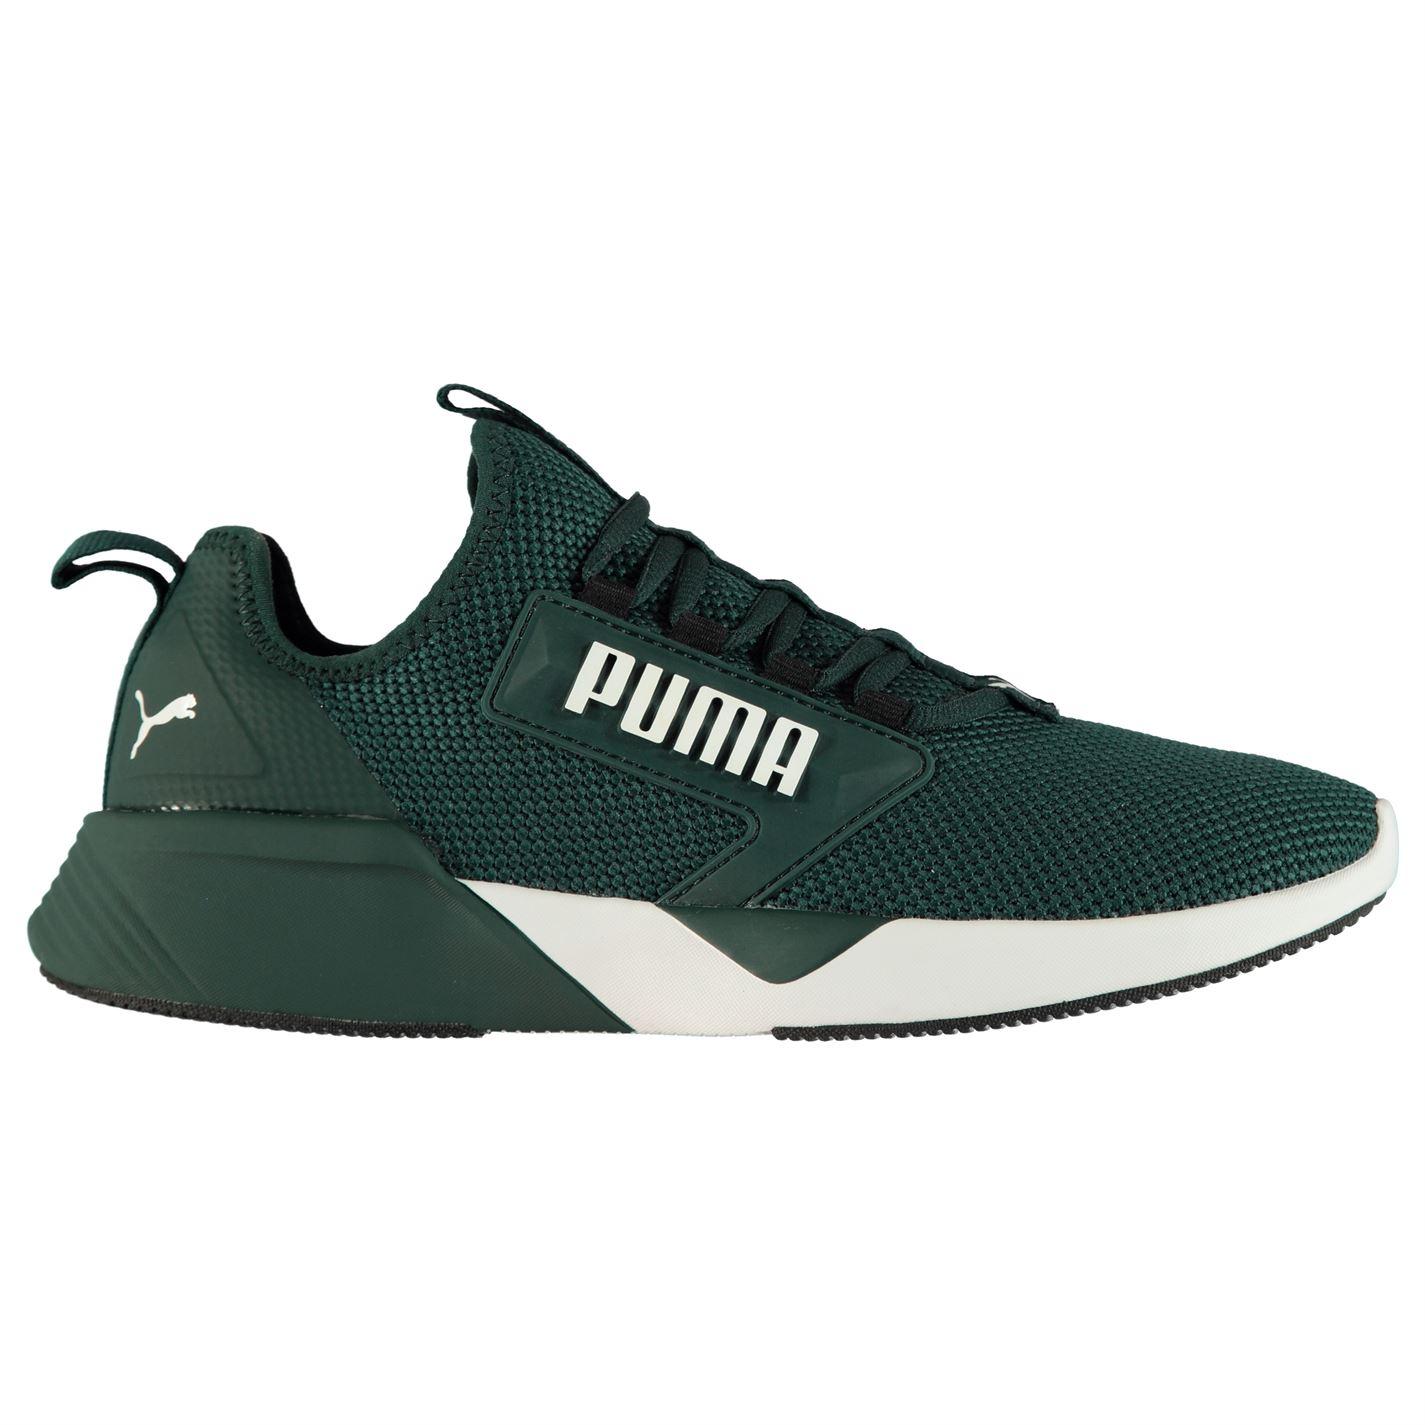 Puma Retaliate pánske bežecké topánky